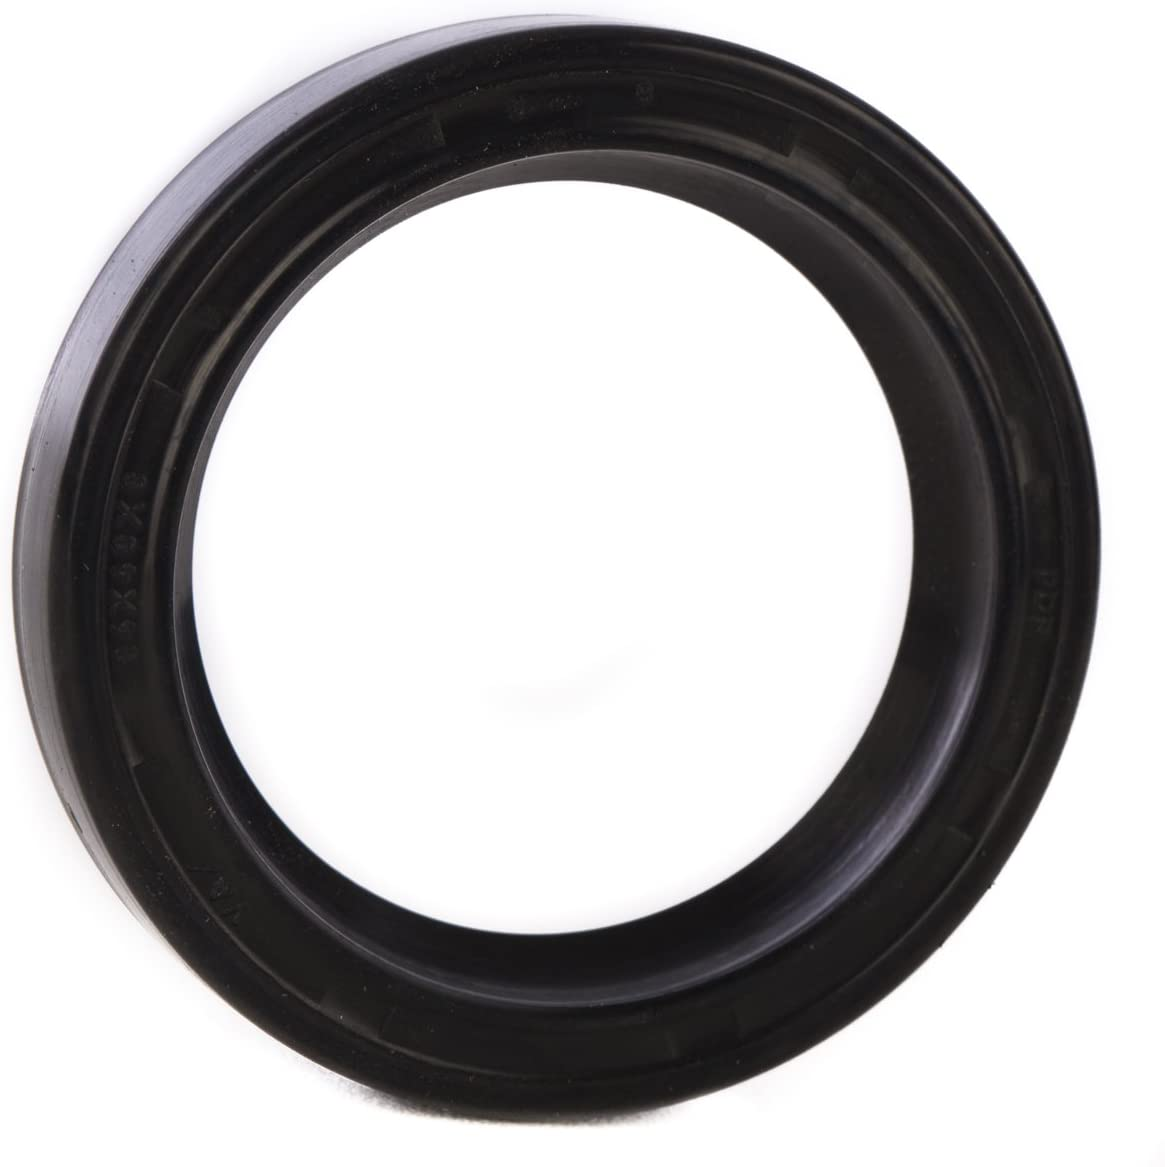 Bosch Parts 1610283033 Seal